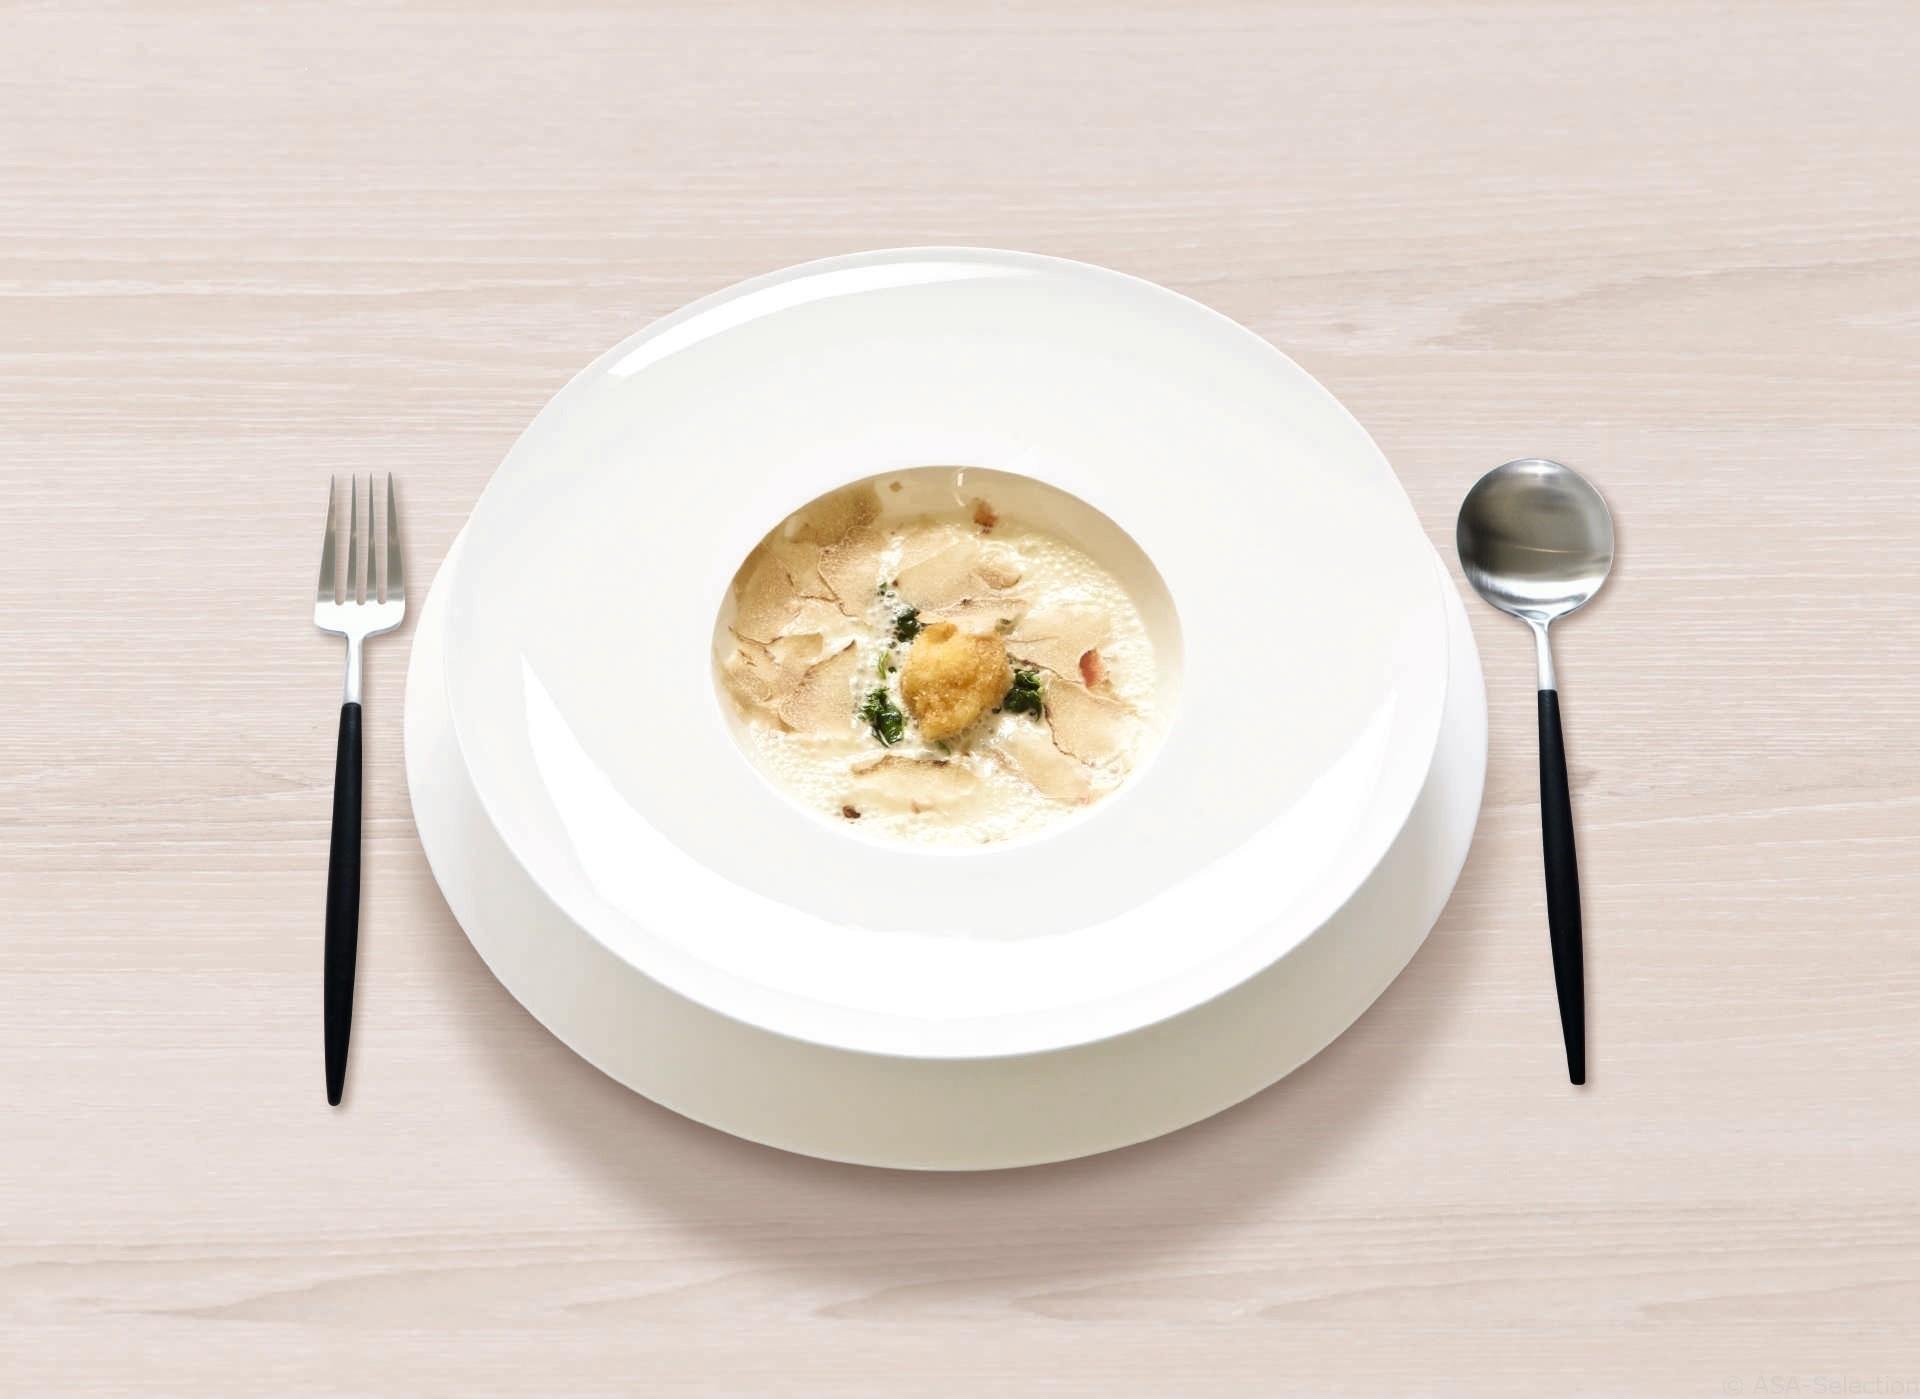 Assiettes de table originales et tendance - Assiettes de table ...